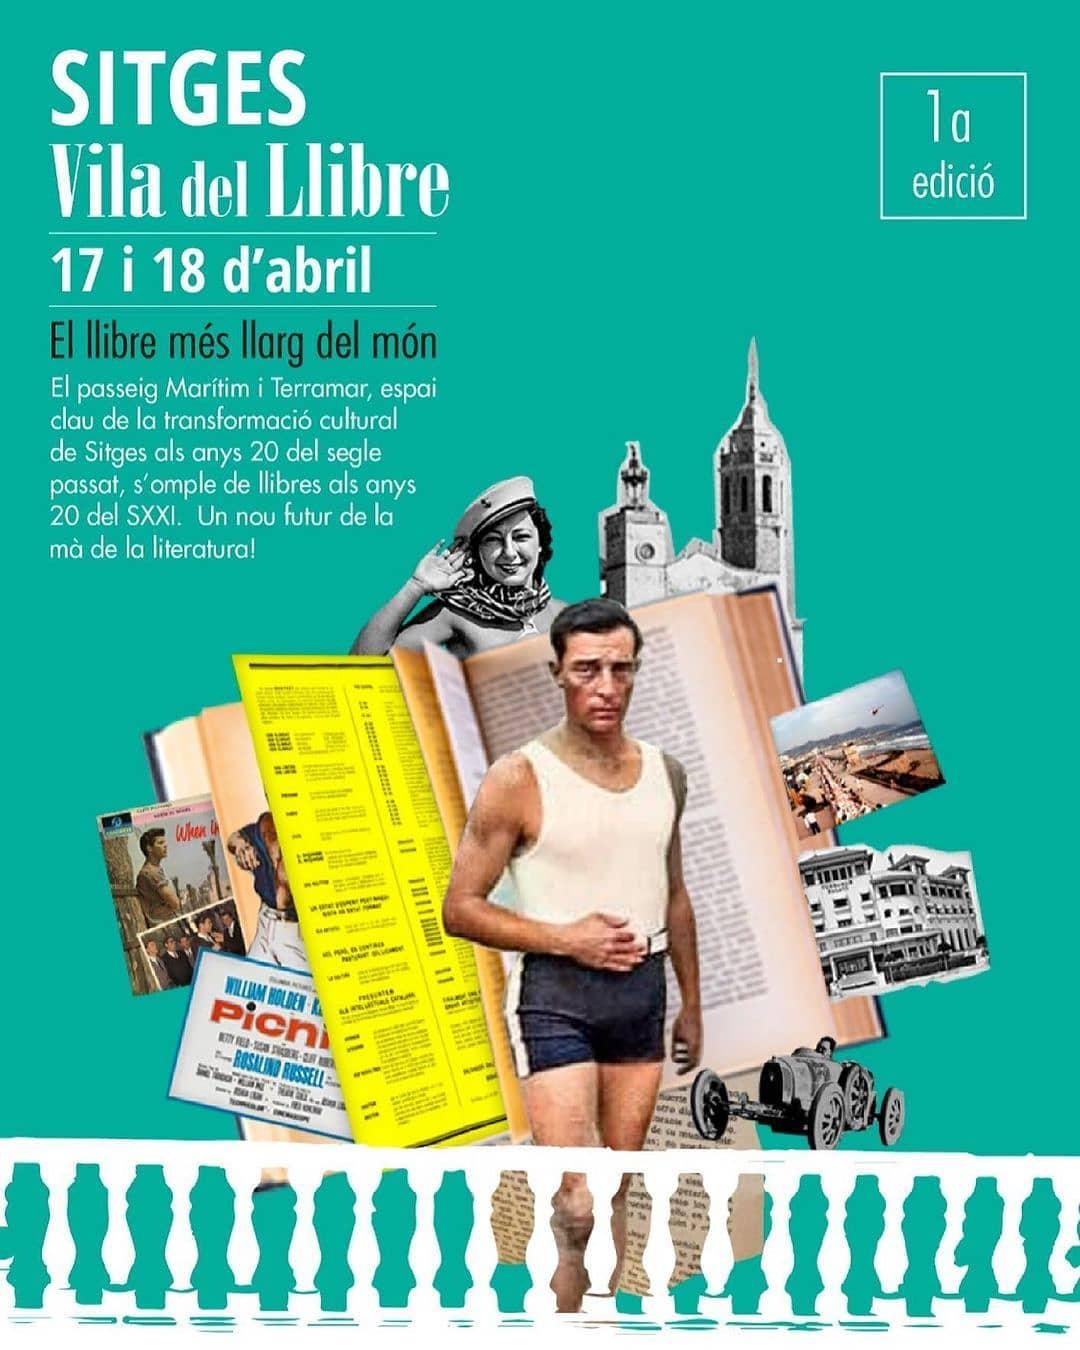 cartell oficial de Sitges Vila del llibre